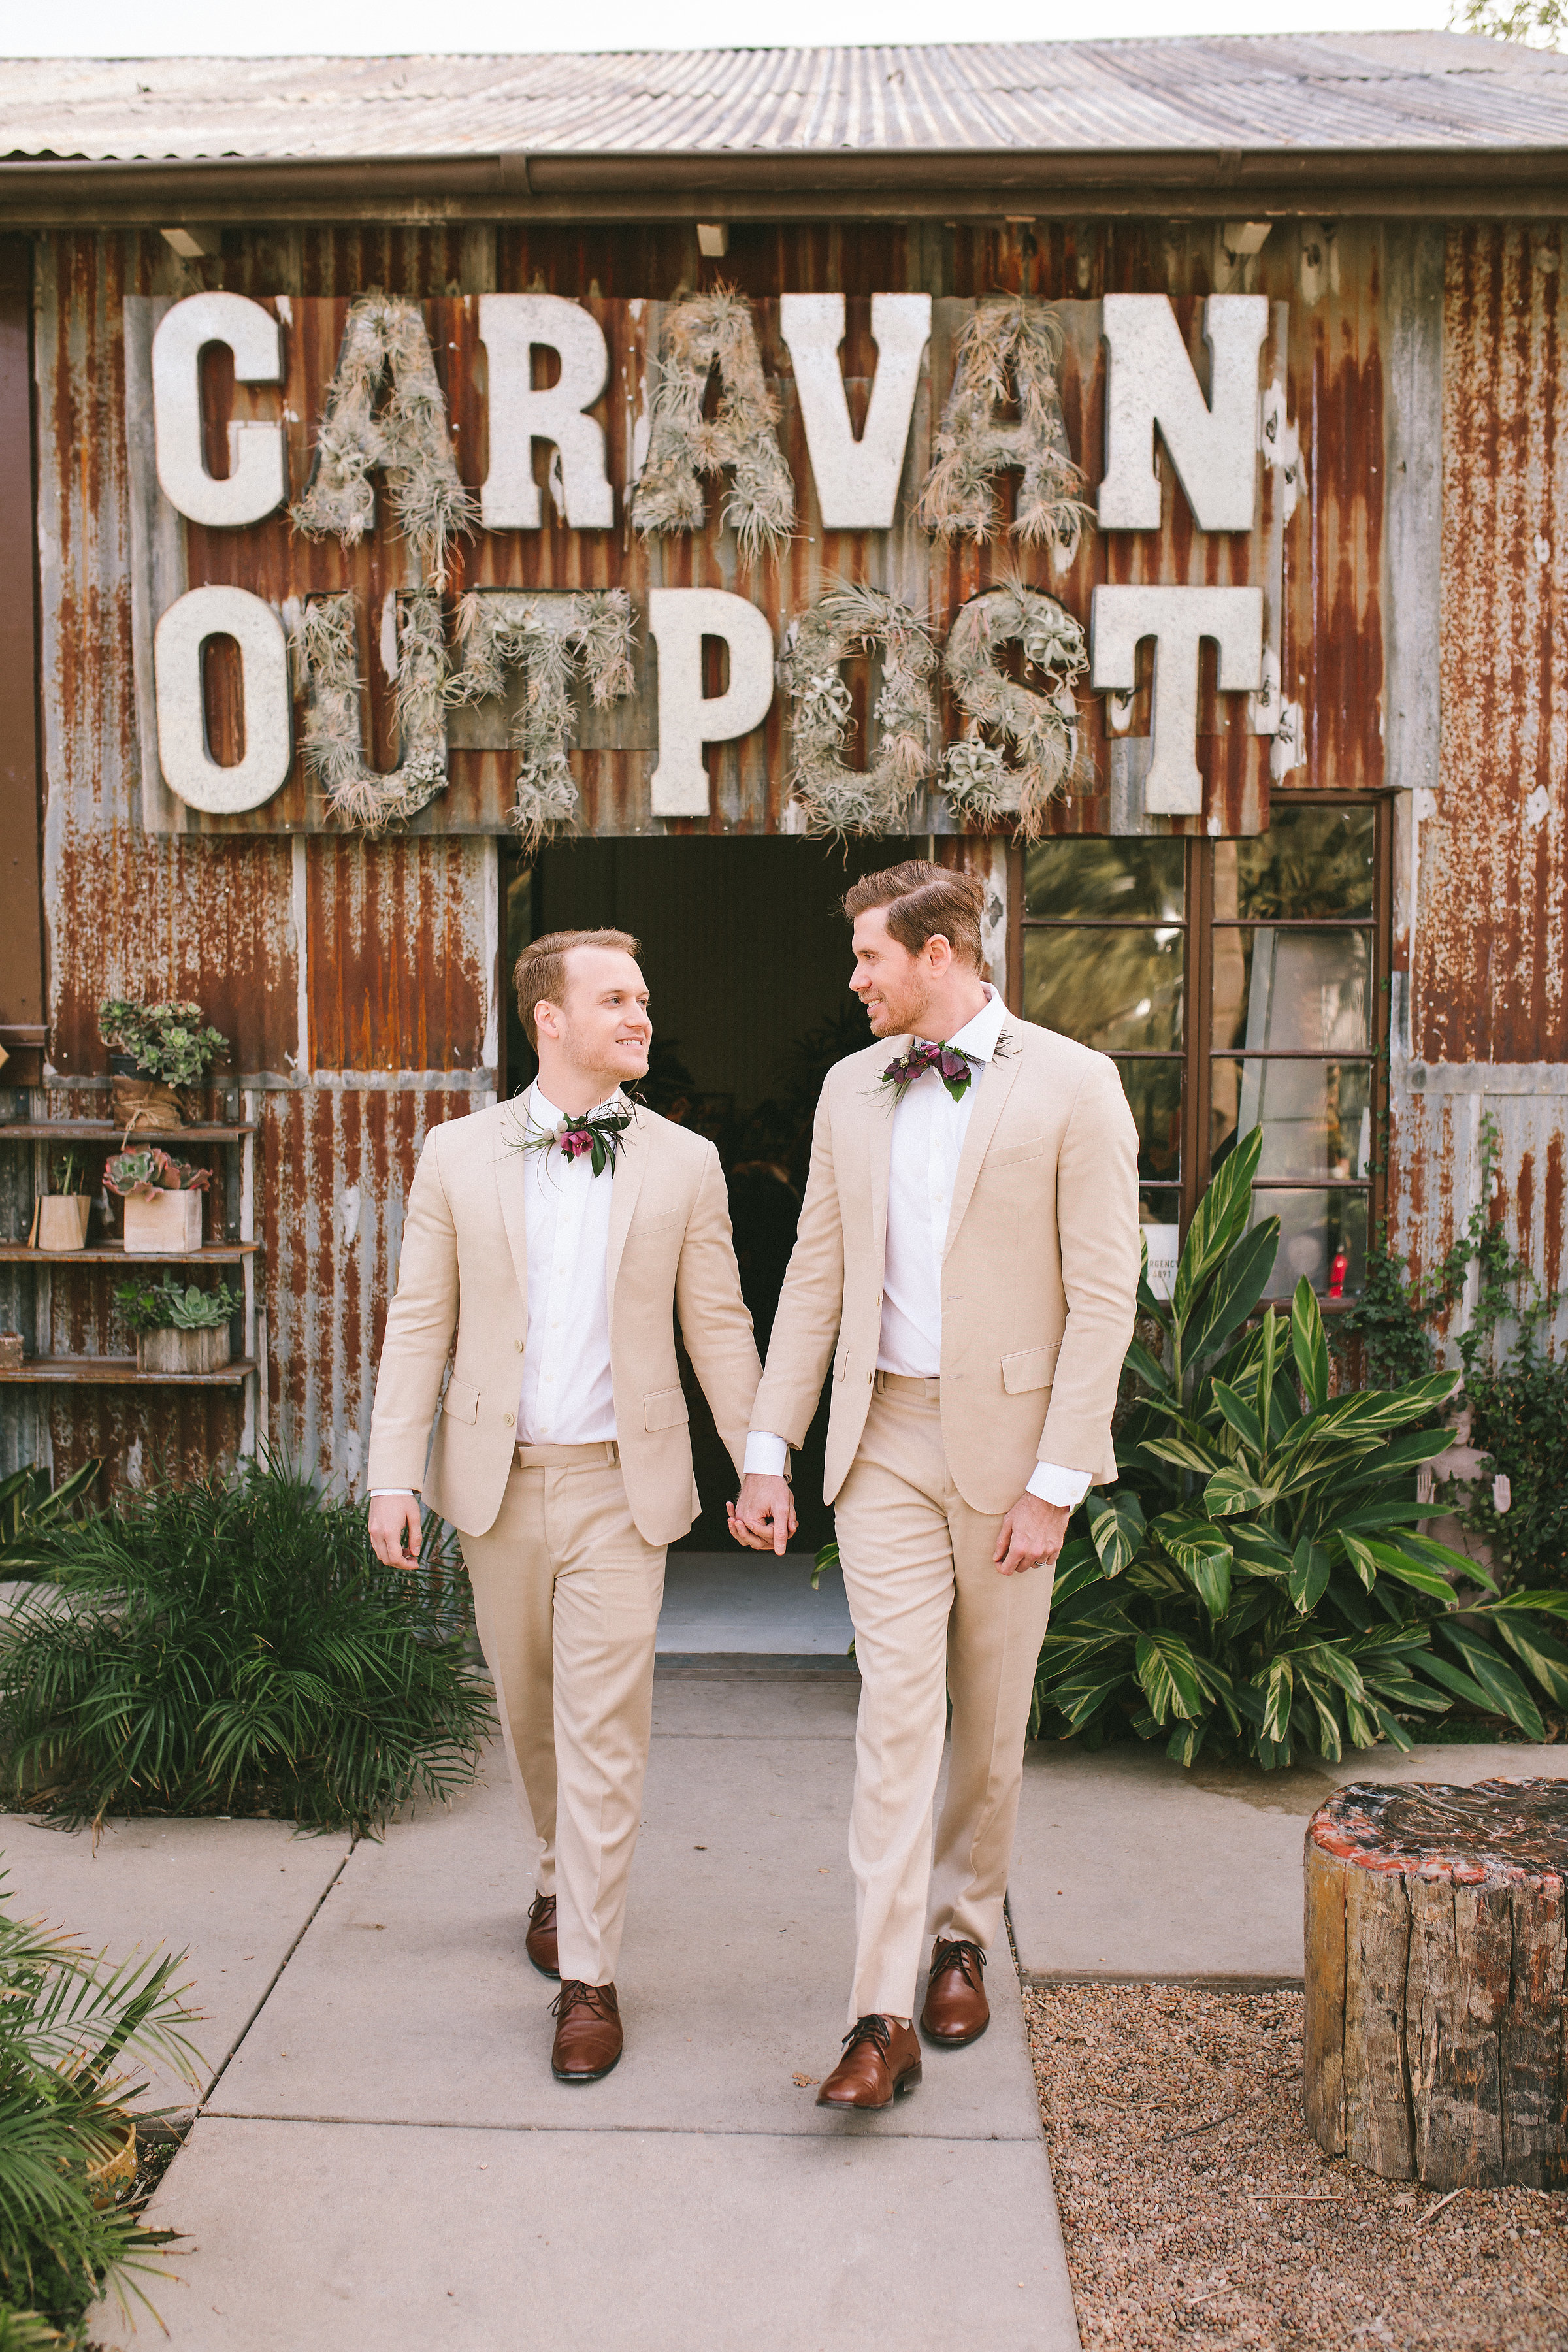 gay wedding at caravan outpost.jpg